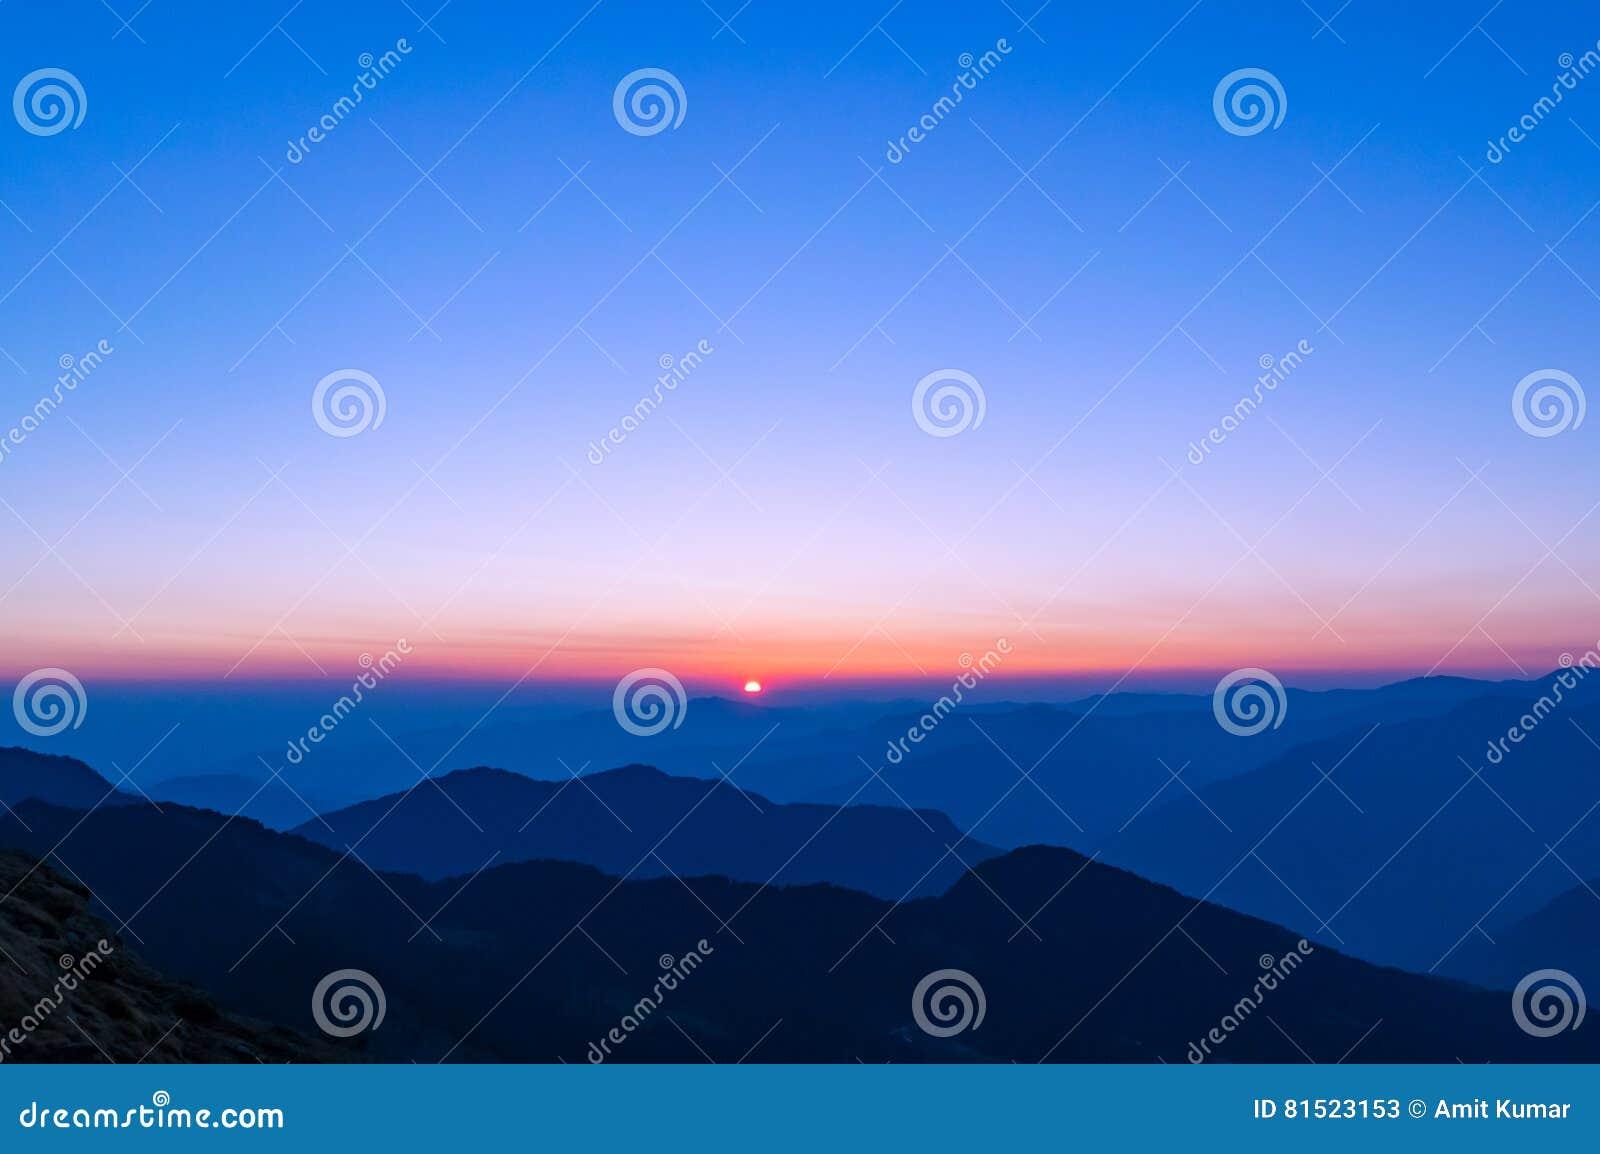 Beautiful sunset in Himalayas